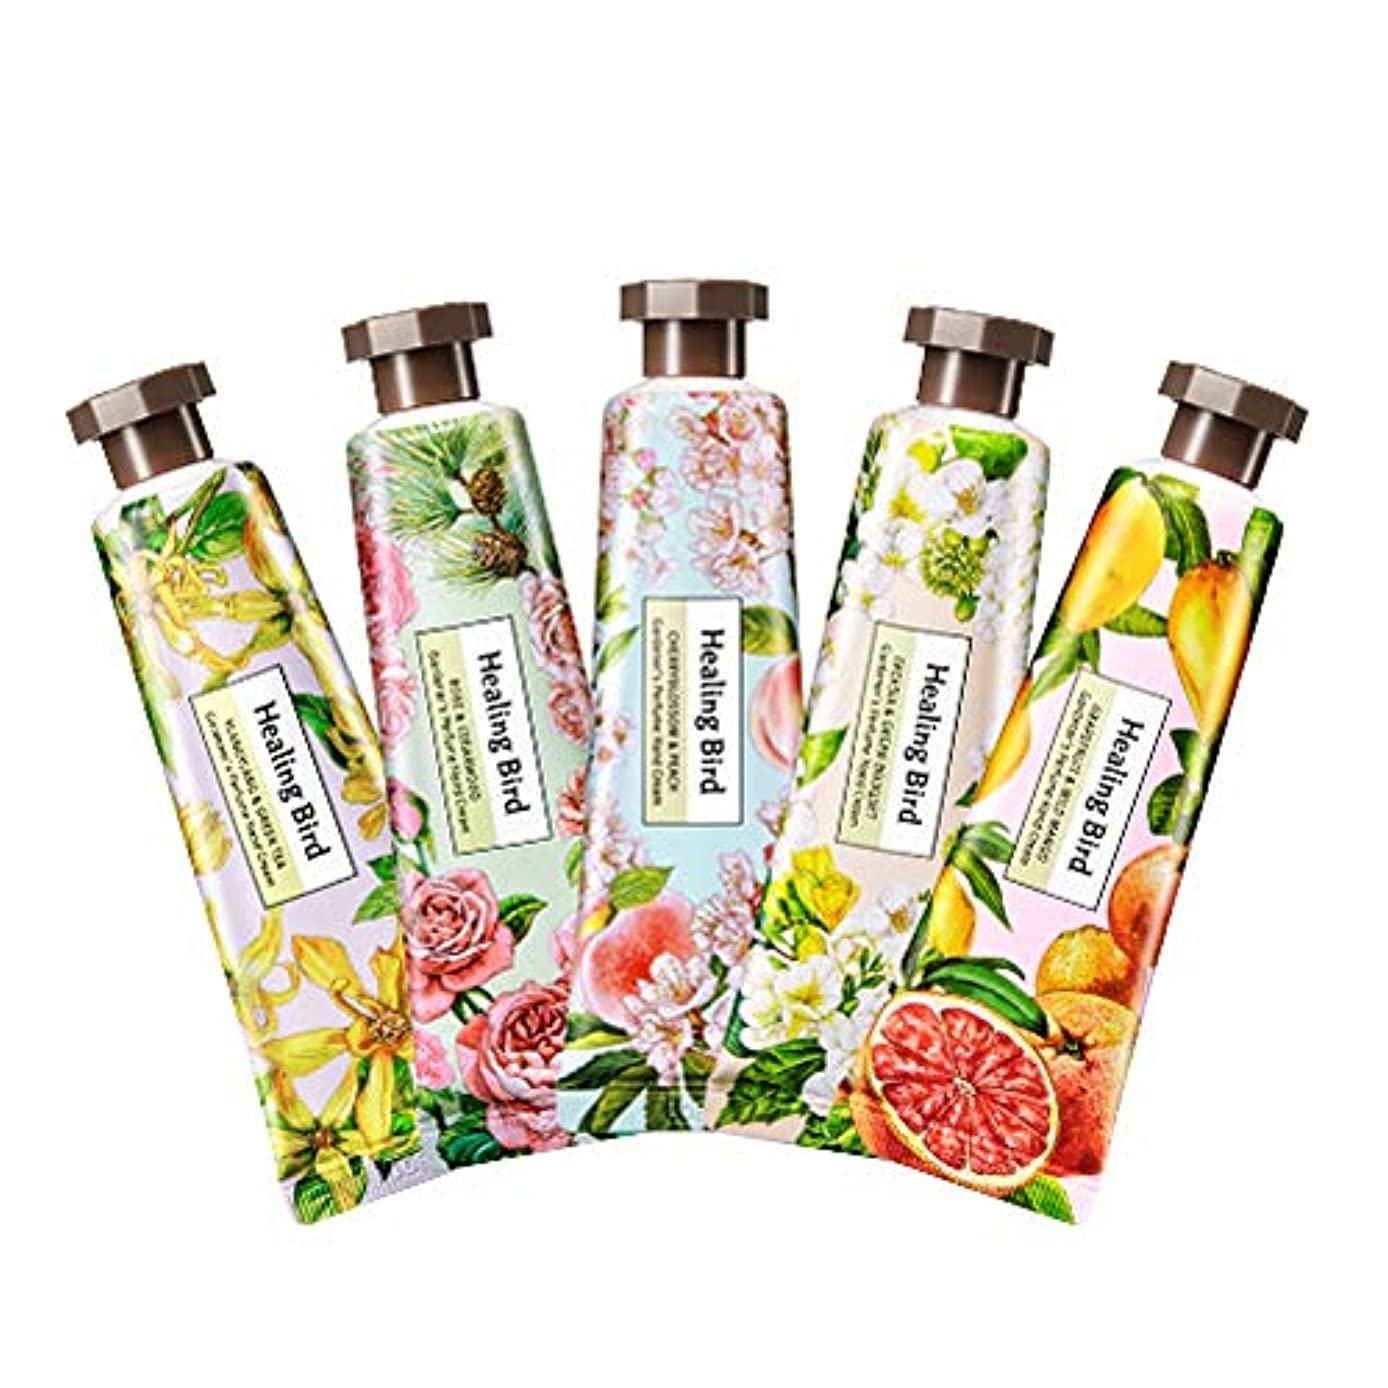 伝導ヨーグルト百年Healing Bird Gardener's Perfume Hand Cream 30ml ヒーリングバード カドゥノスパヒュームハンドクリーム (Rose & Cedarwood) [並行輸入品]